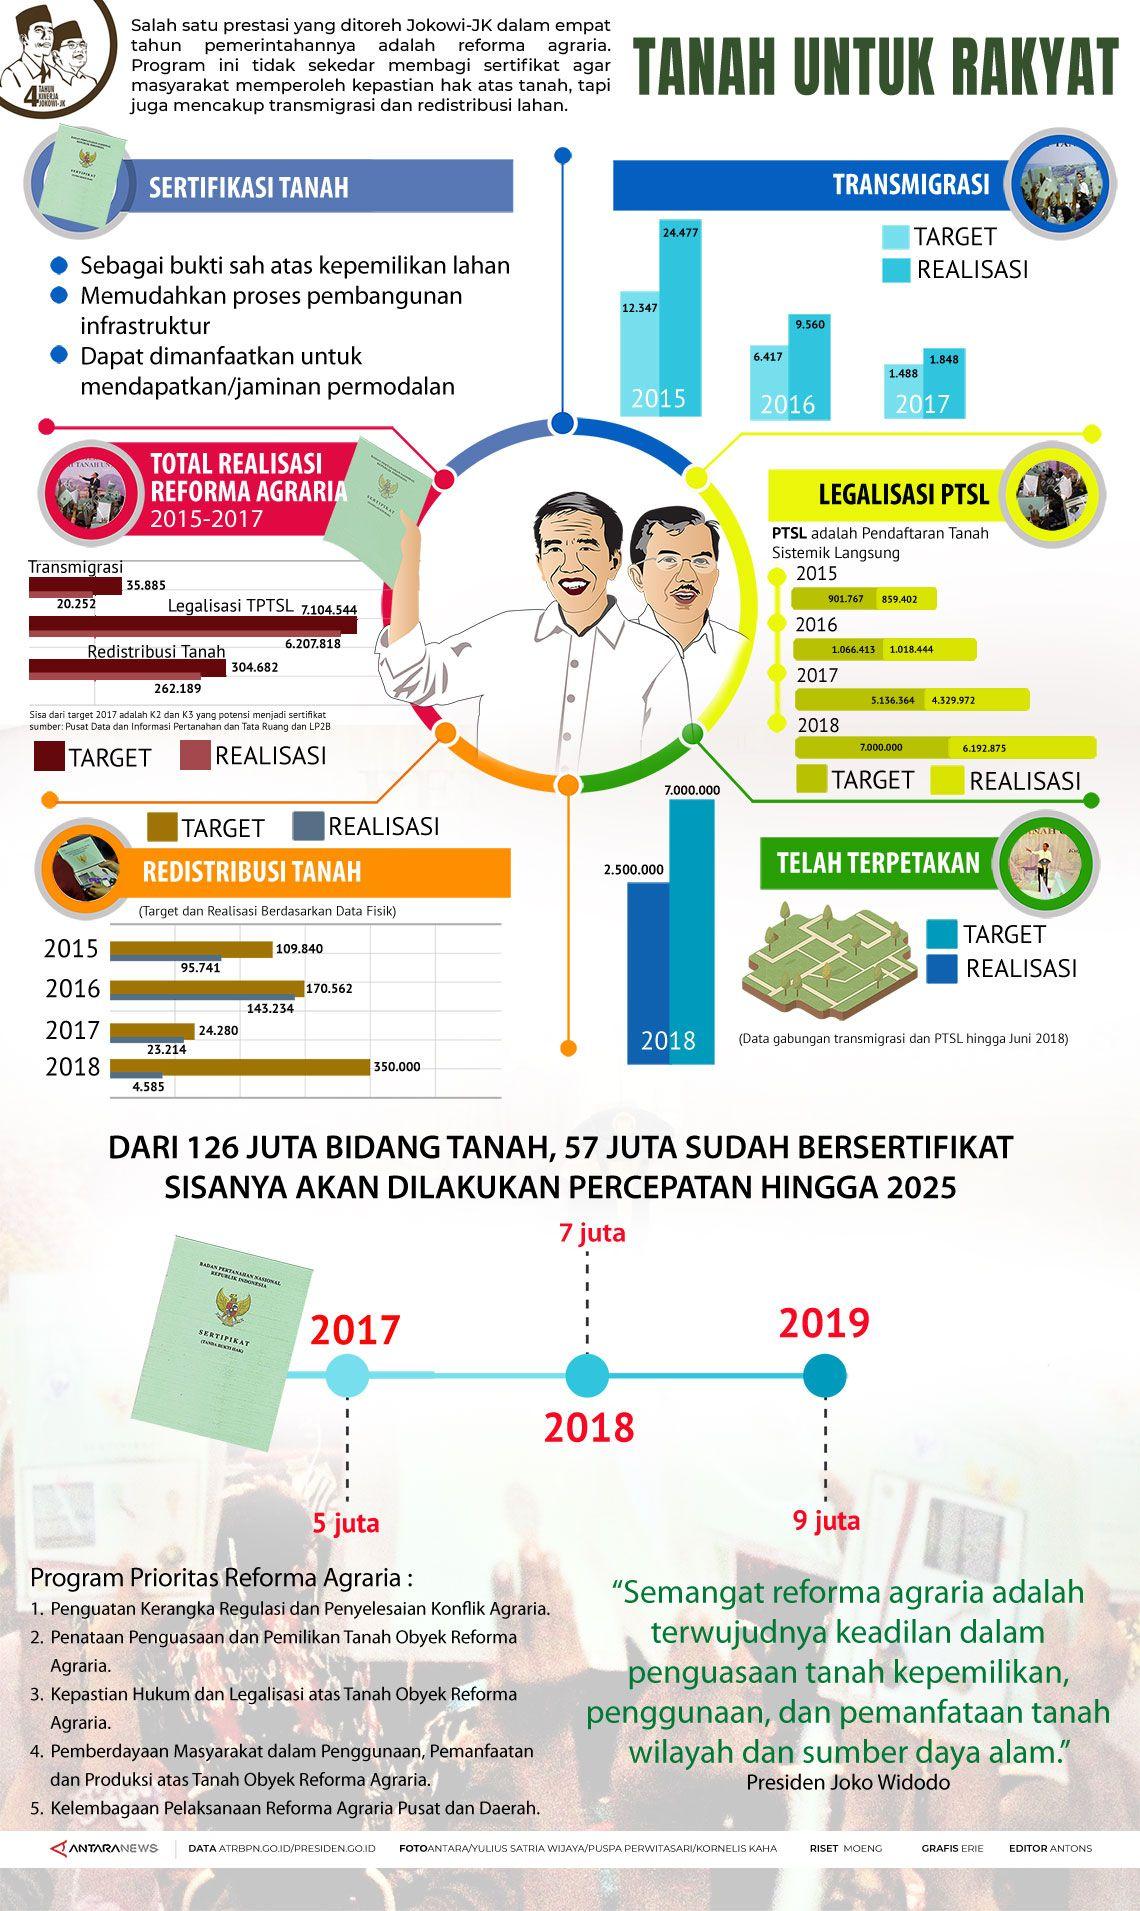 Empat tahun Jokowi-JK: reforma agraria